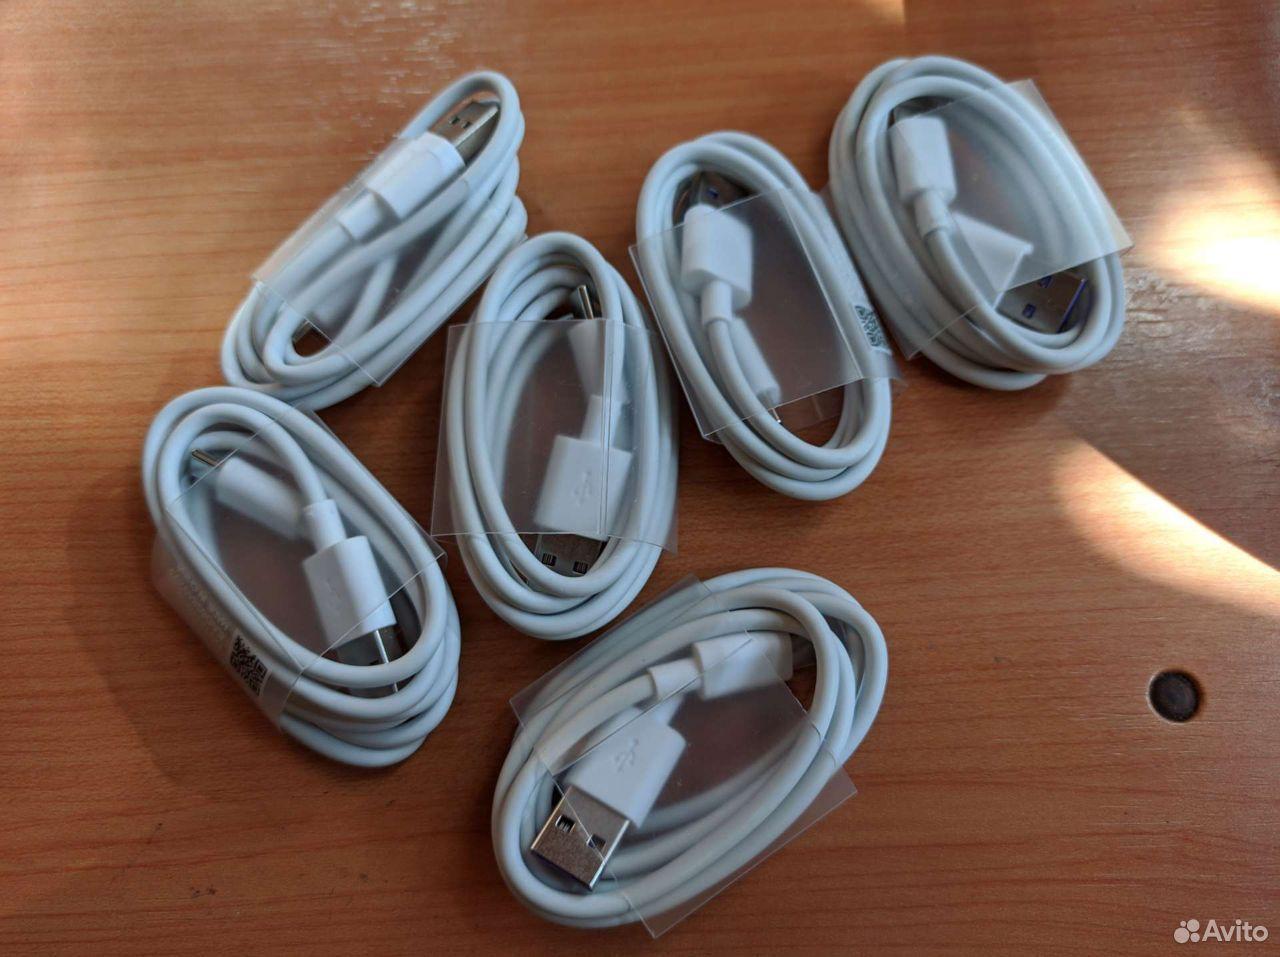 Провод tupe C 1метр 5 ампер для быстрой зарядки см  89249178000 купить 1